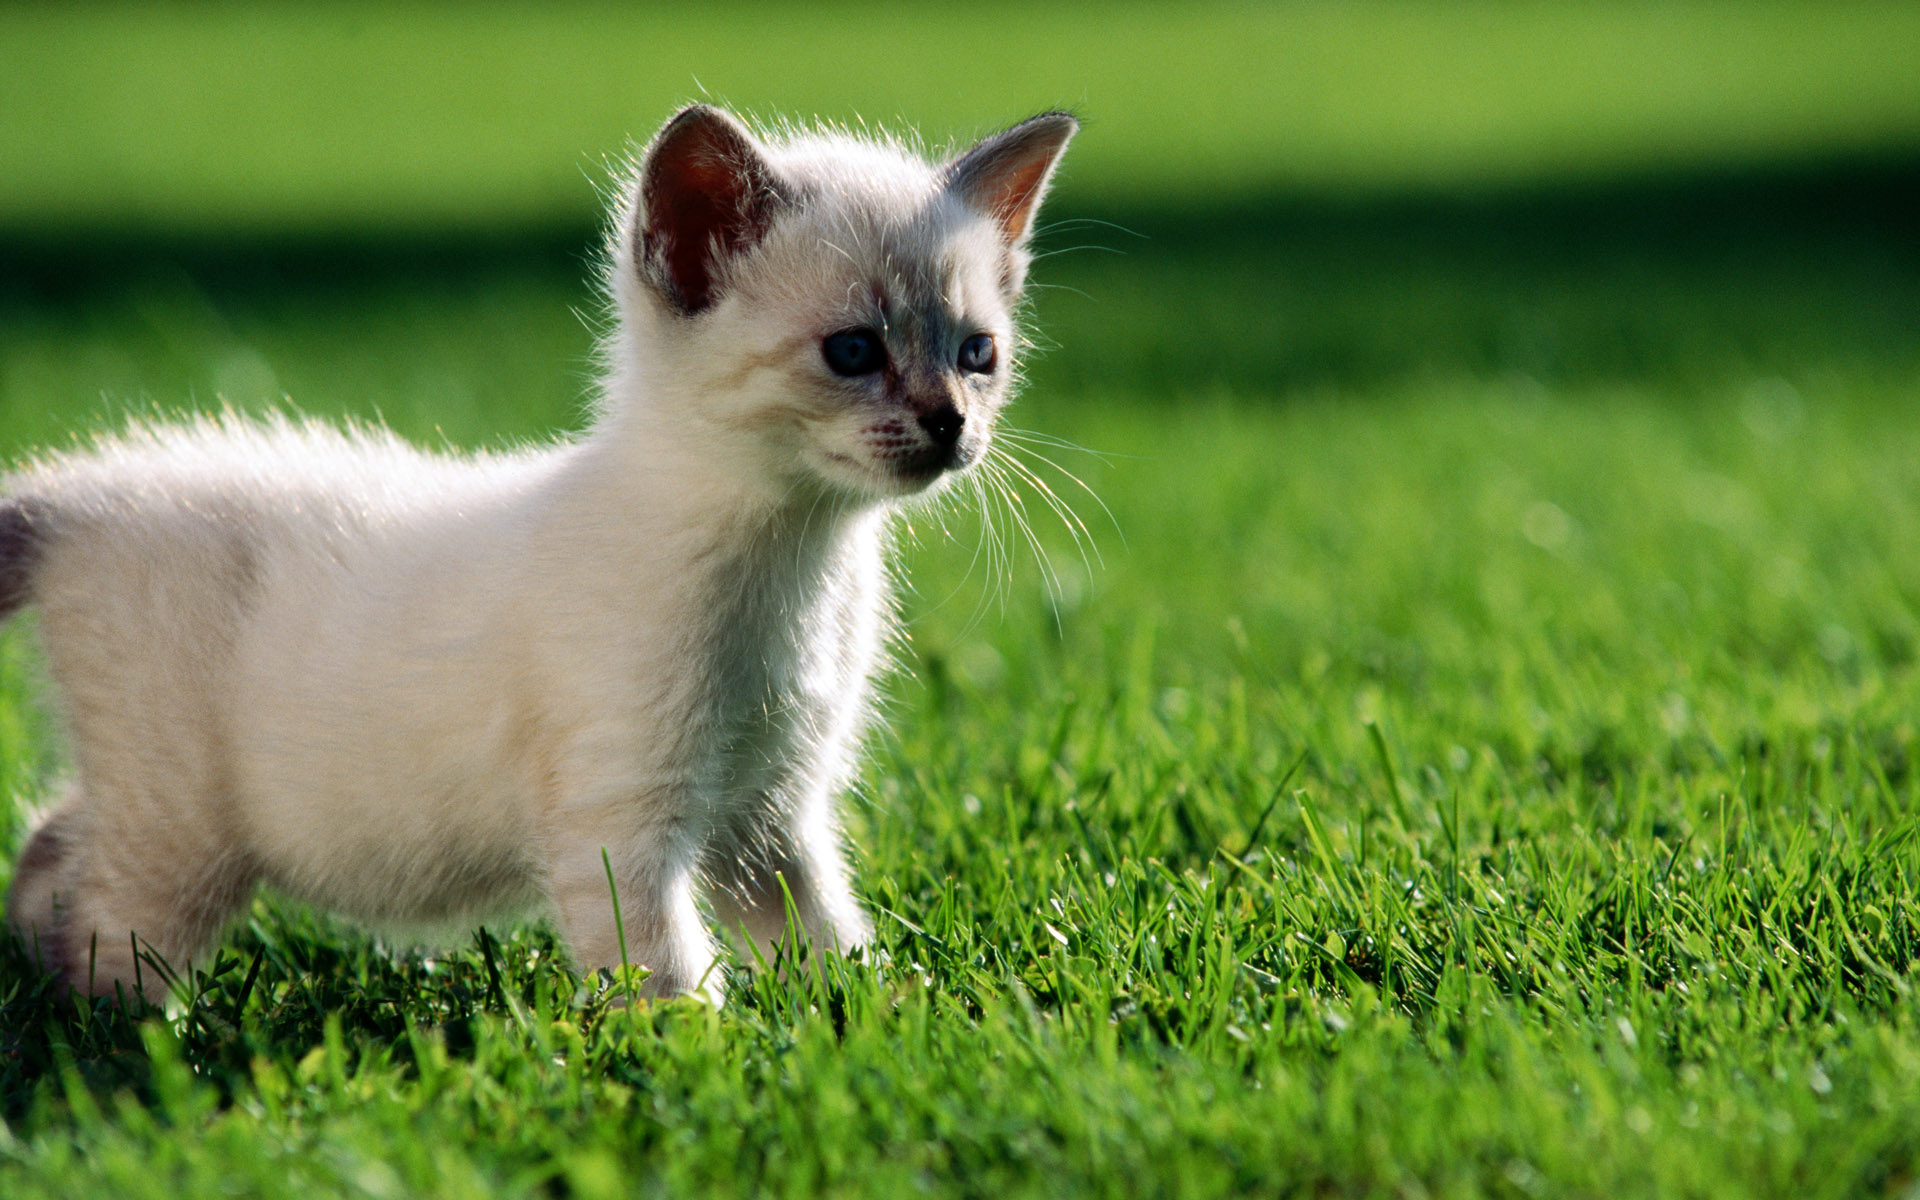 котенок на зеленой траве, фото, обои